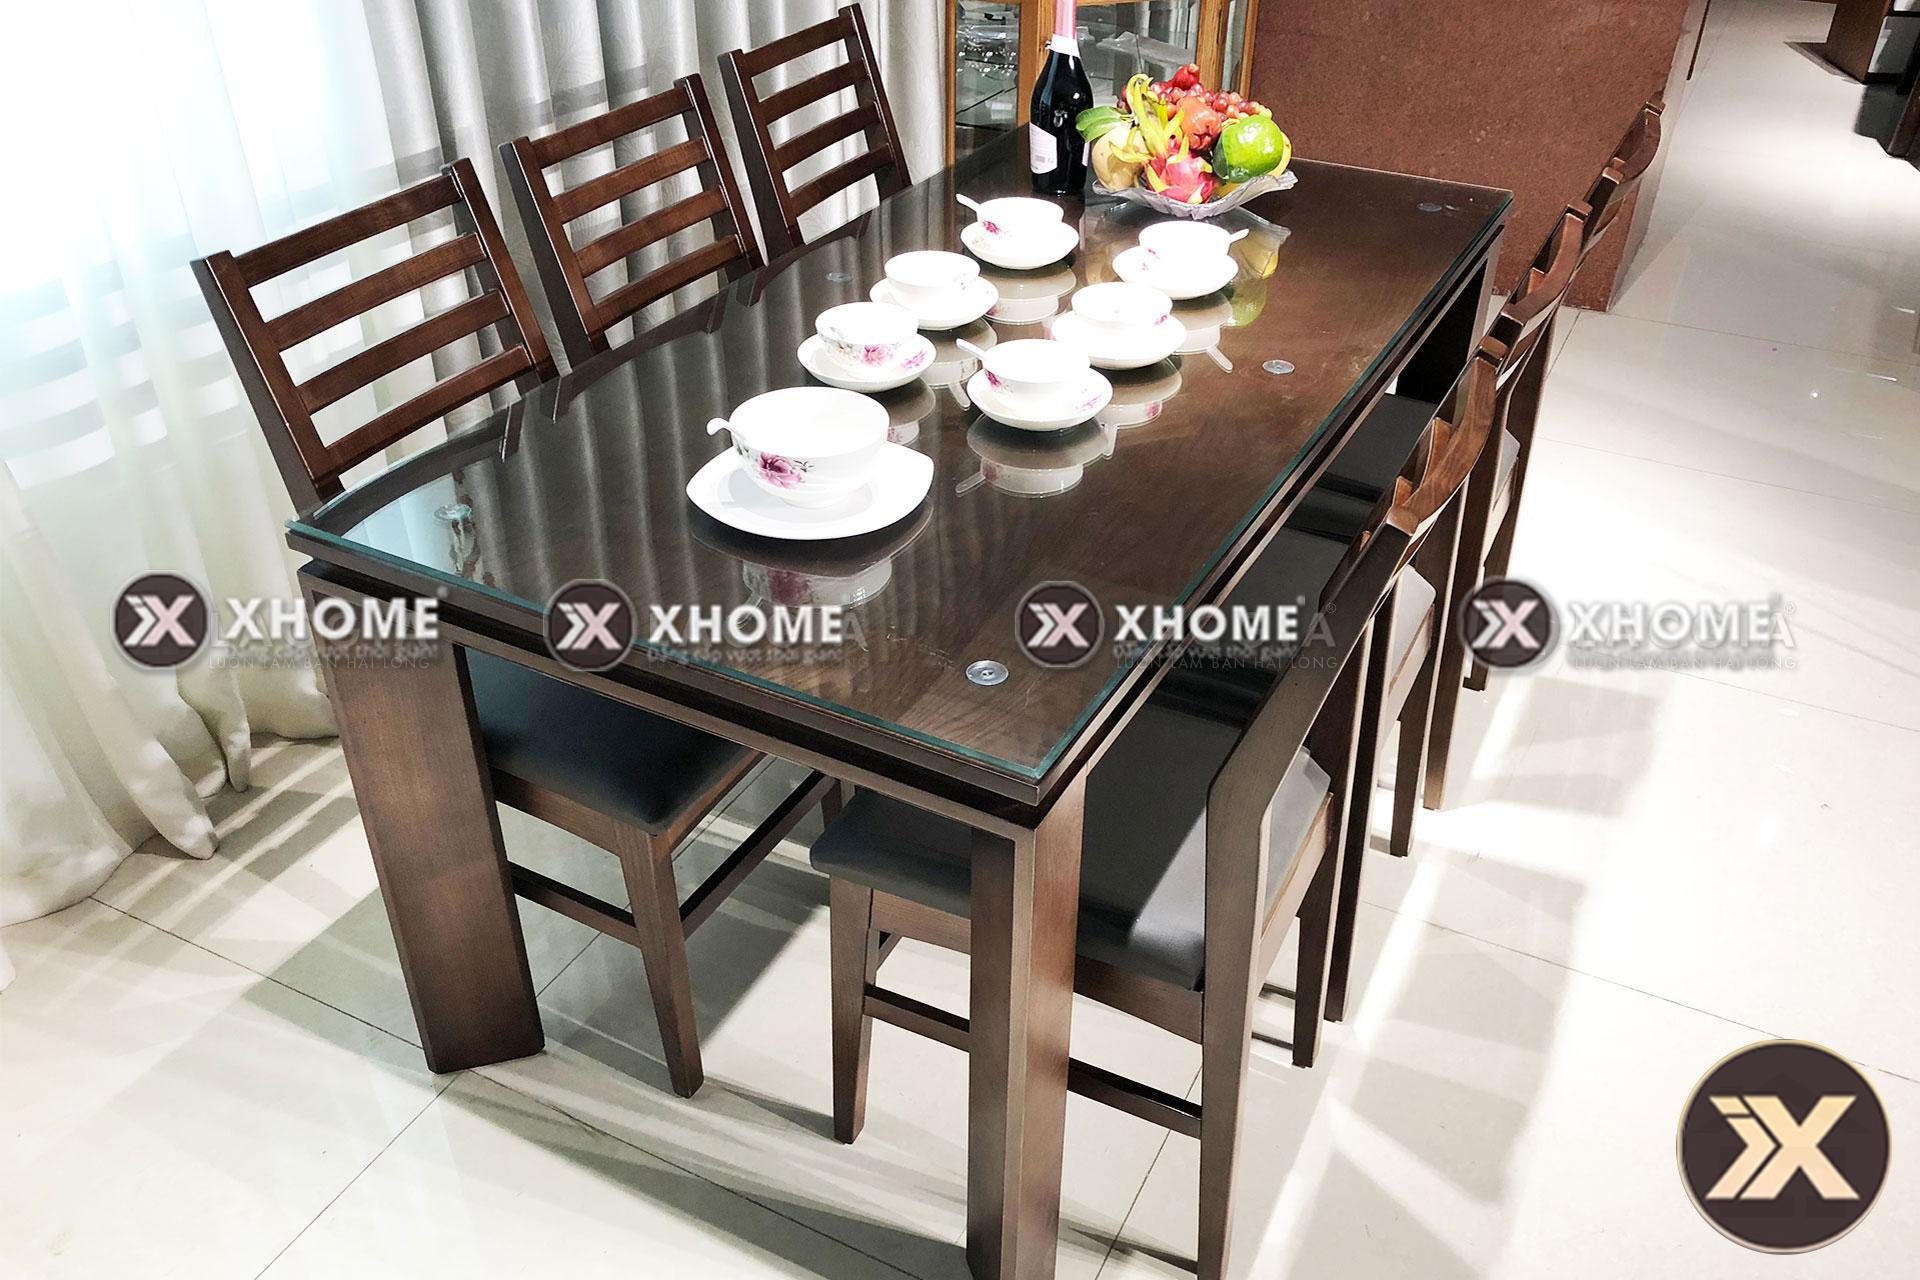 Mẫu bàn ăn gỗ hiện đại cho phòng bếp